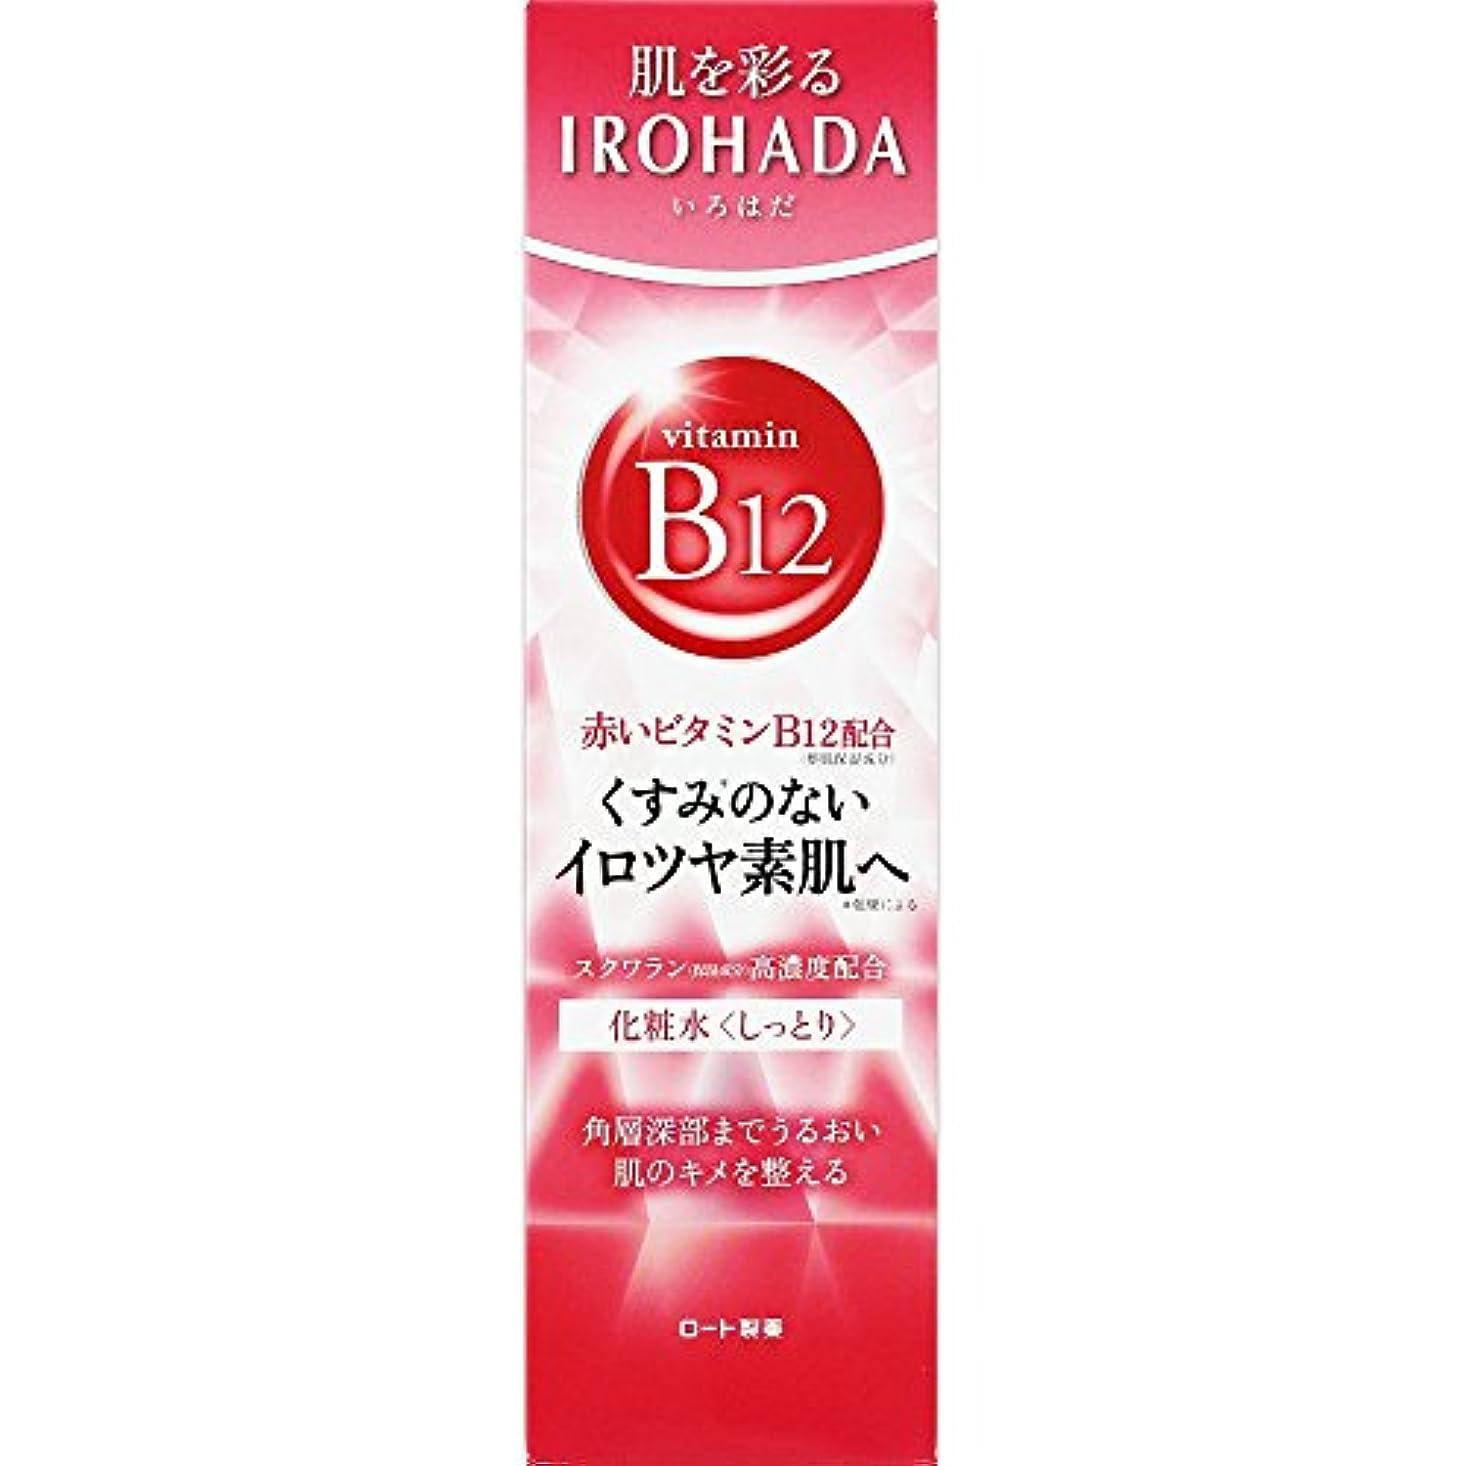 ジュースポール領事館ロート製薬 いろはだ (IROHADA) 赤いビタミンB12×スクワラン配合 化粧水しっとり 160ml